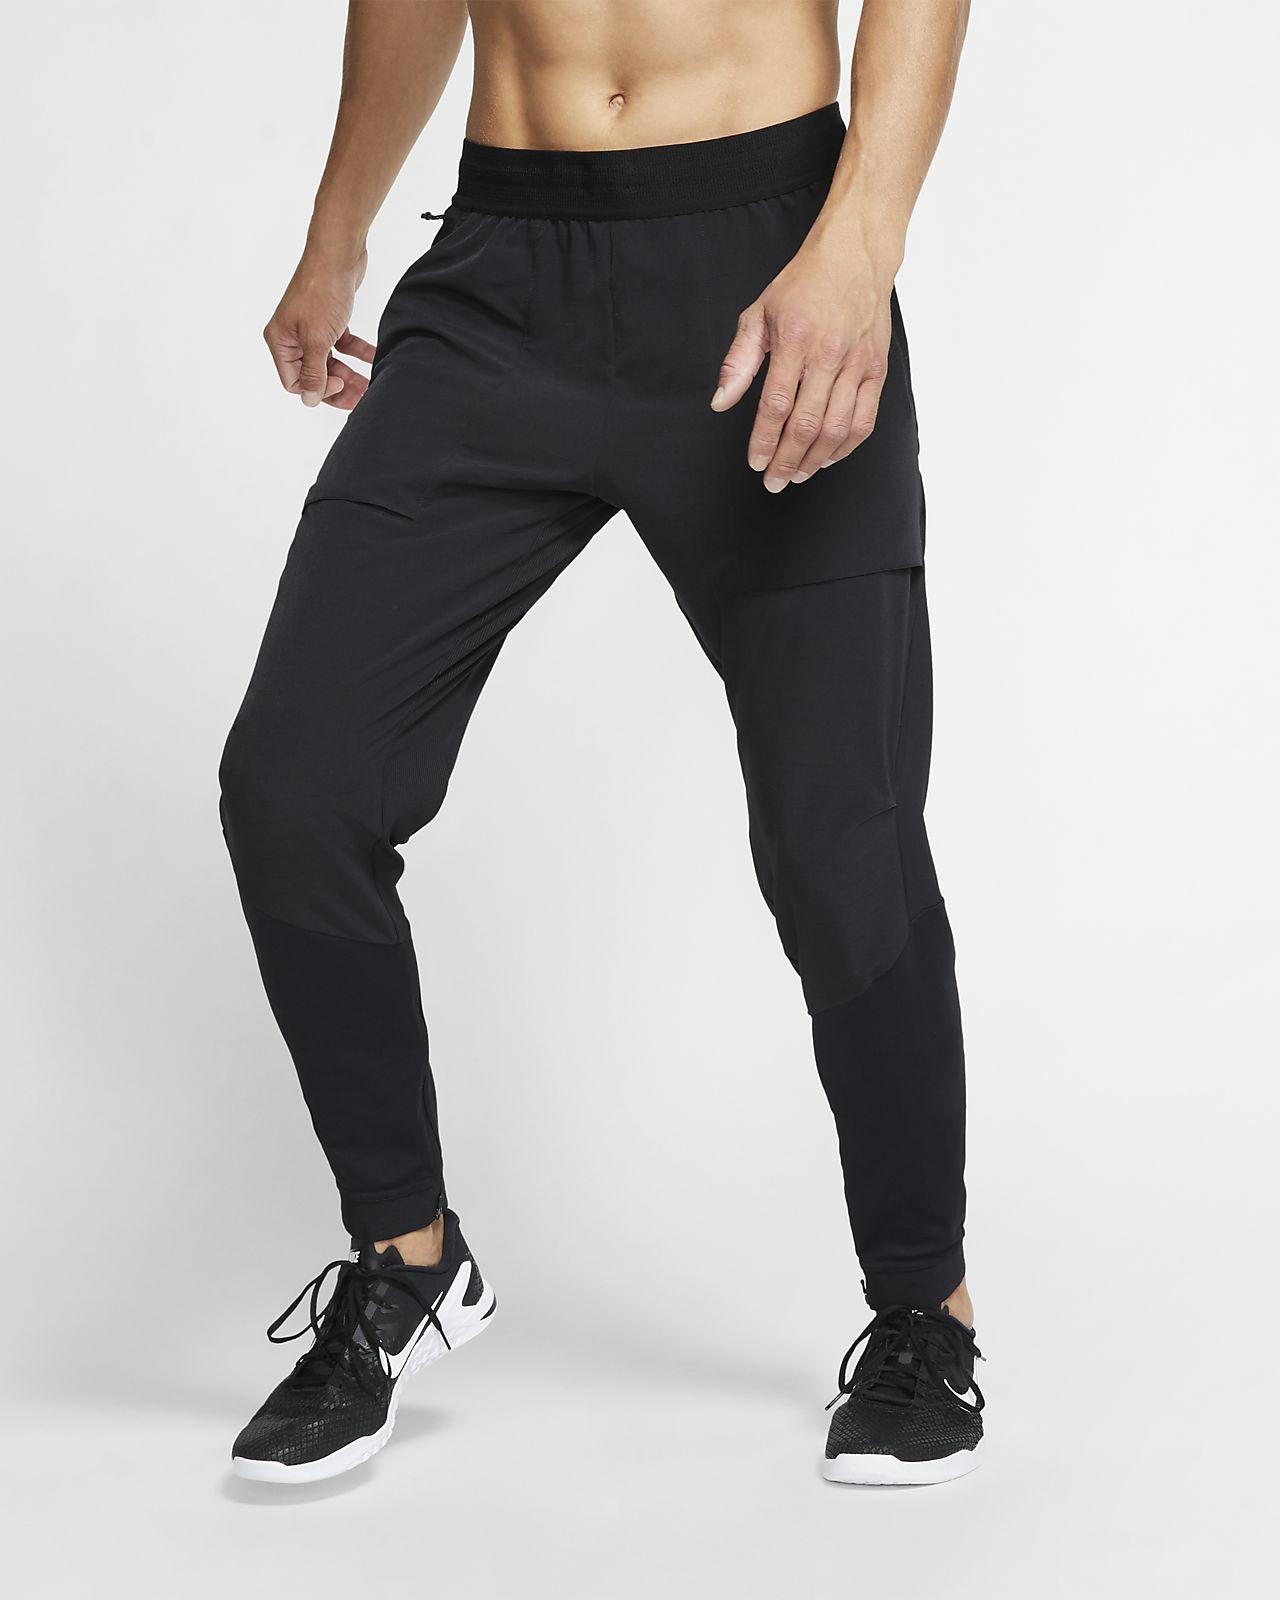 Pánské tréninkové kalhoty Nike Flex